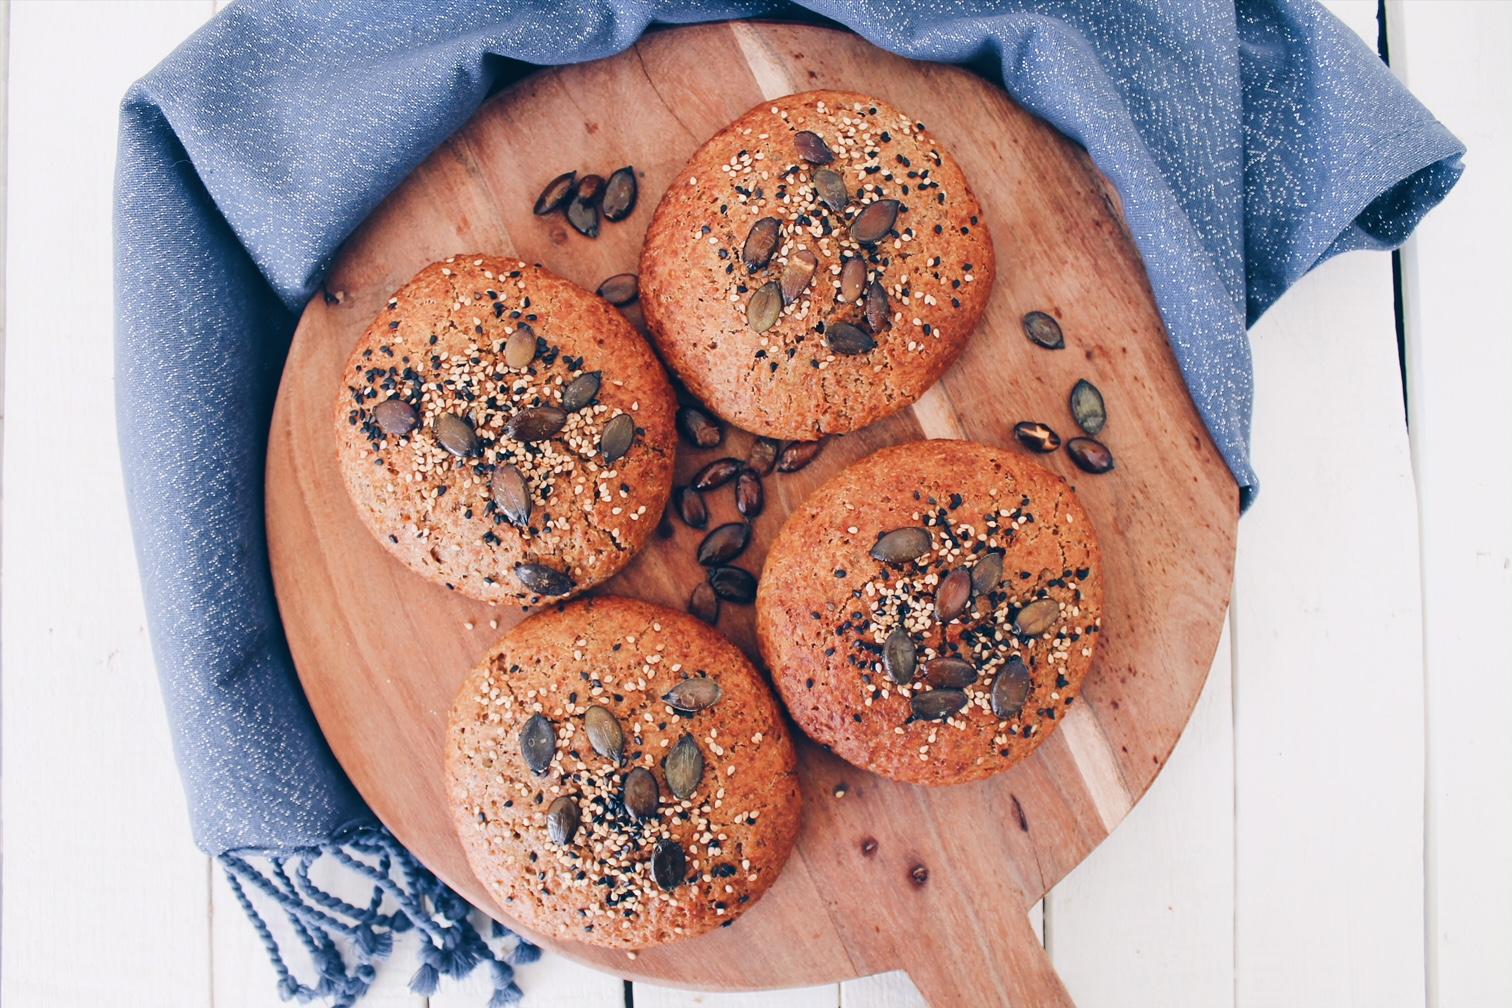 Pains à hamburger (buns) maison à la farine d'épeautre ! REcette sur le blog laualamenthe.com